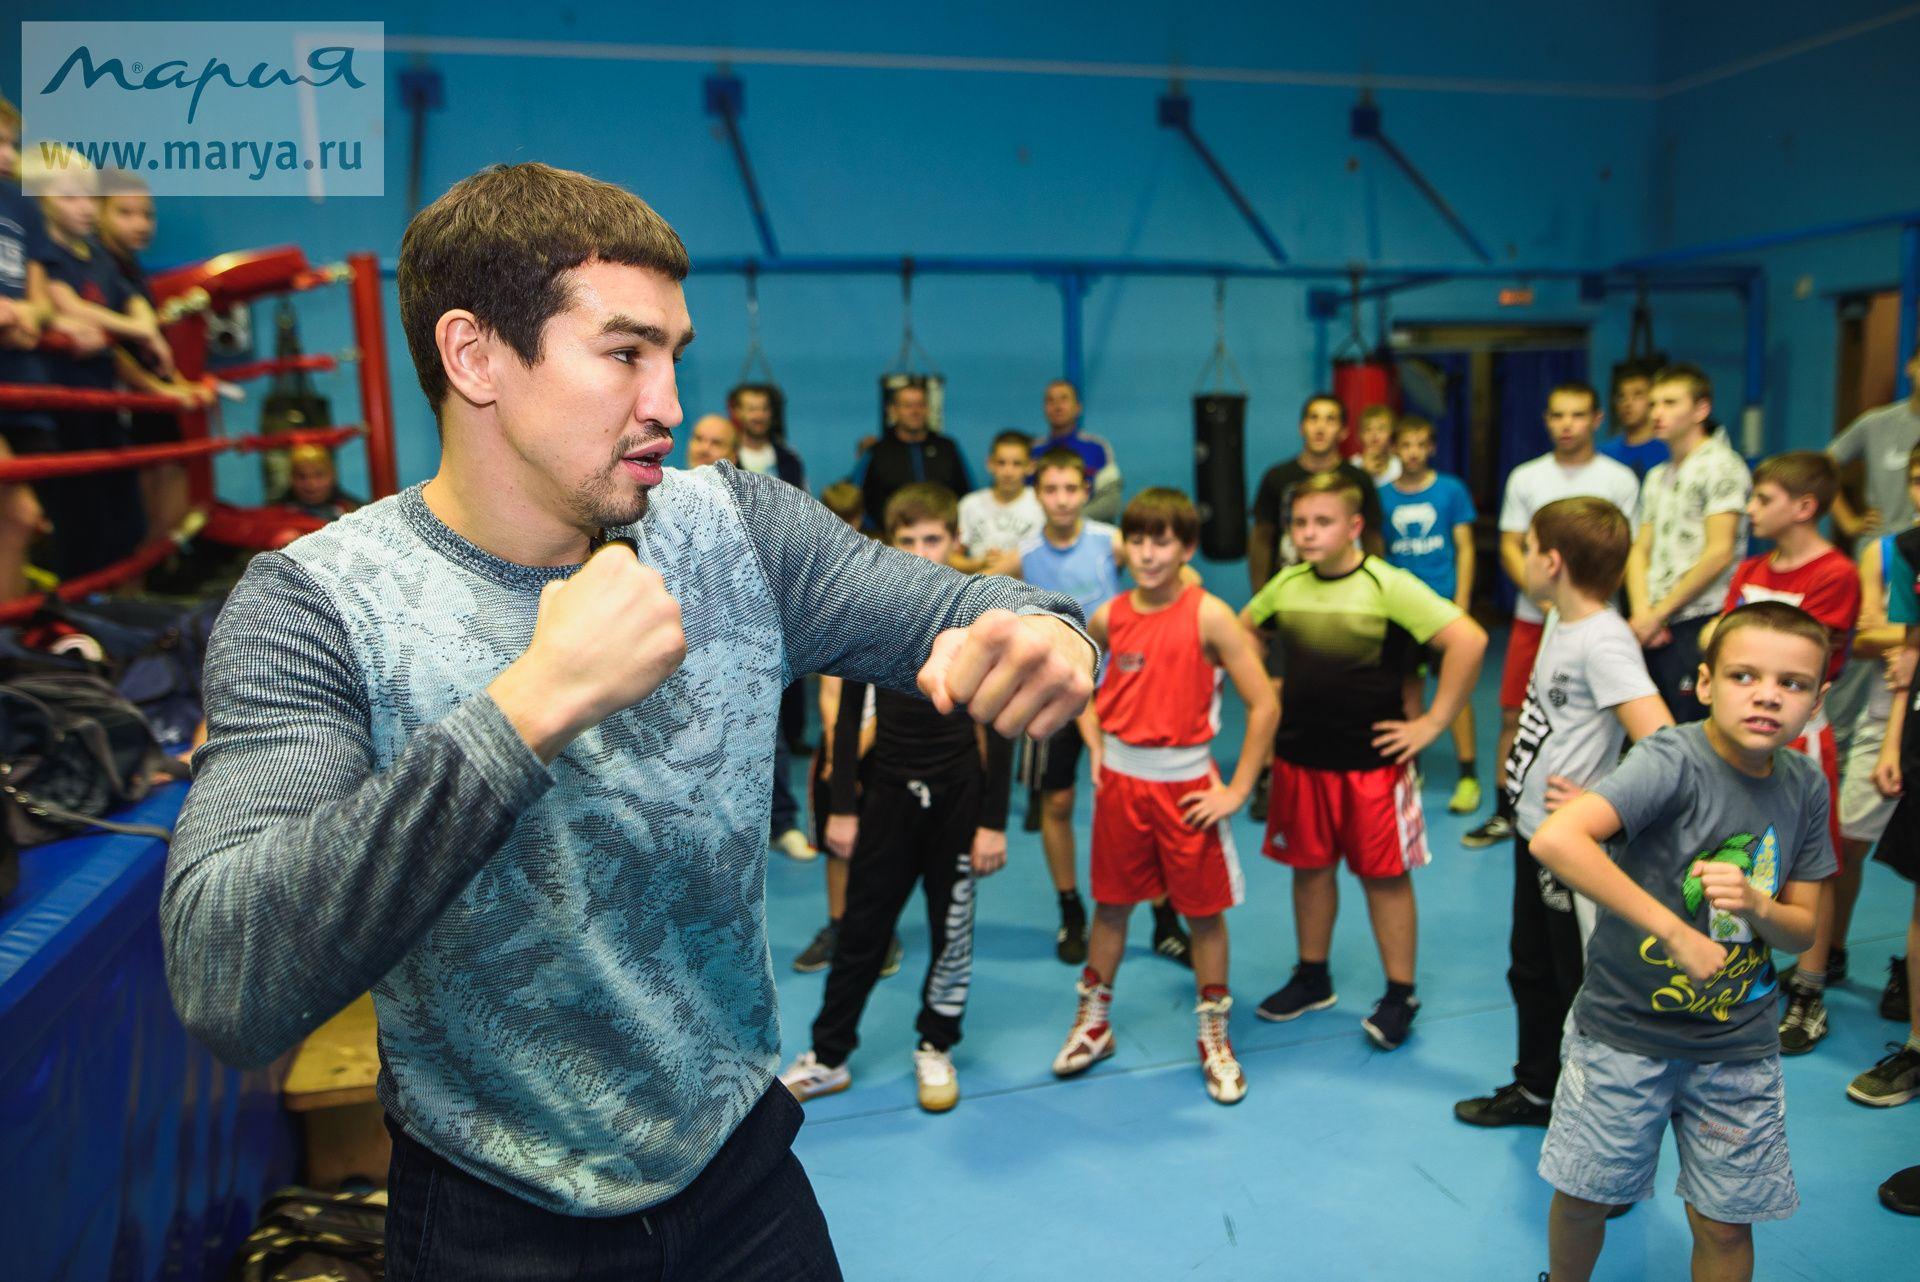 Что объединяет основателя мебельной фабрики и чемпиона по боксу? Любовь к спорту и умение побеждать!